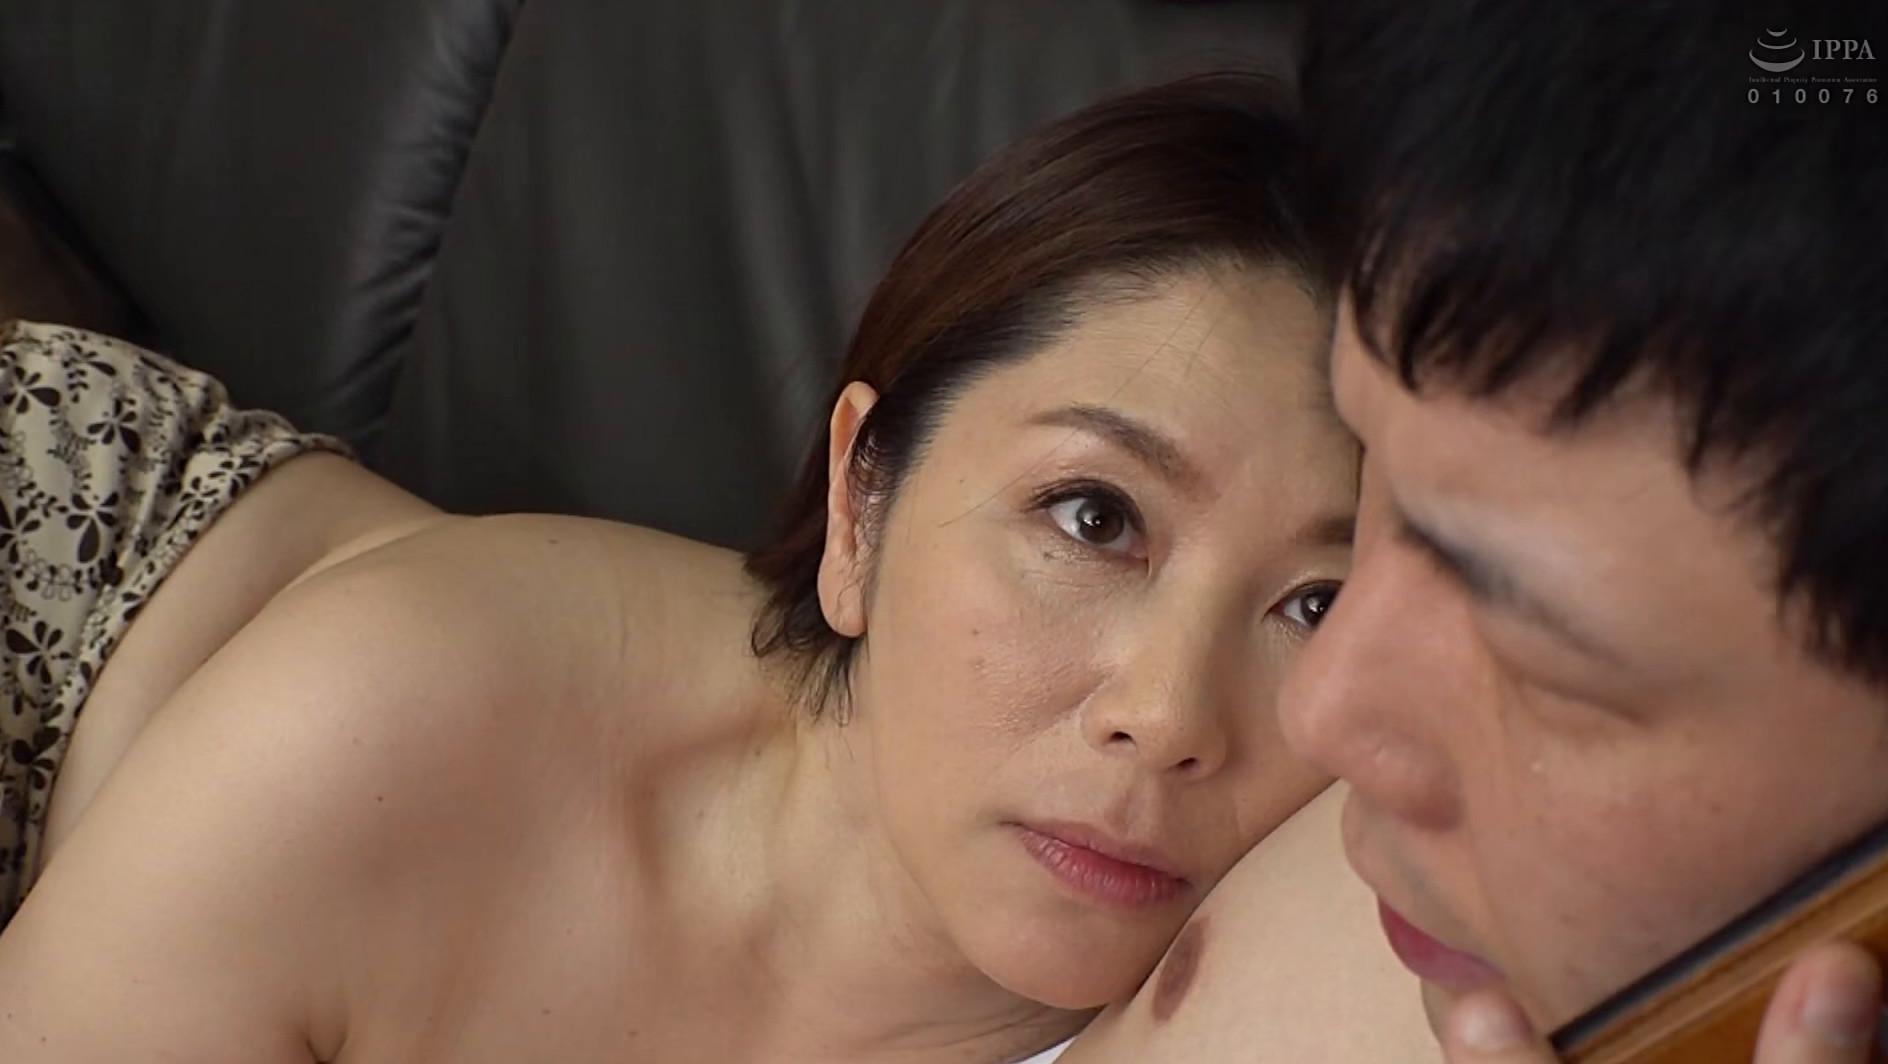 あの時、お義母さんに誘われて・・・ 翔田千里,のサンプル画像9